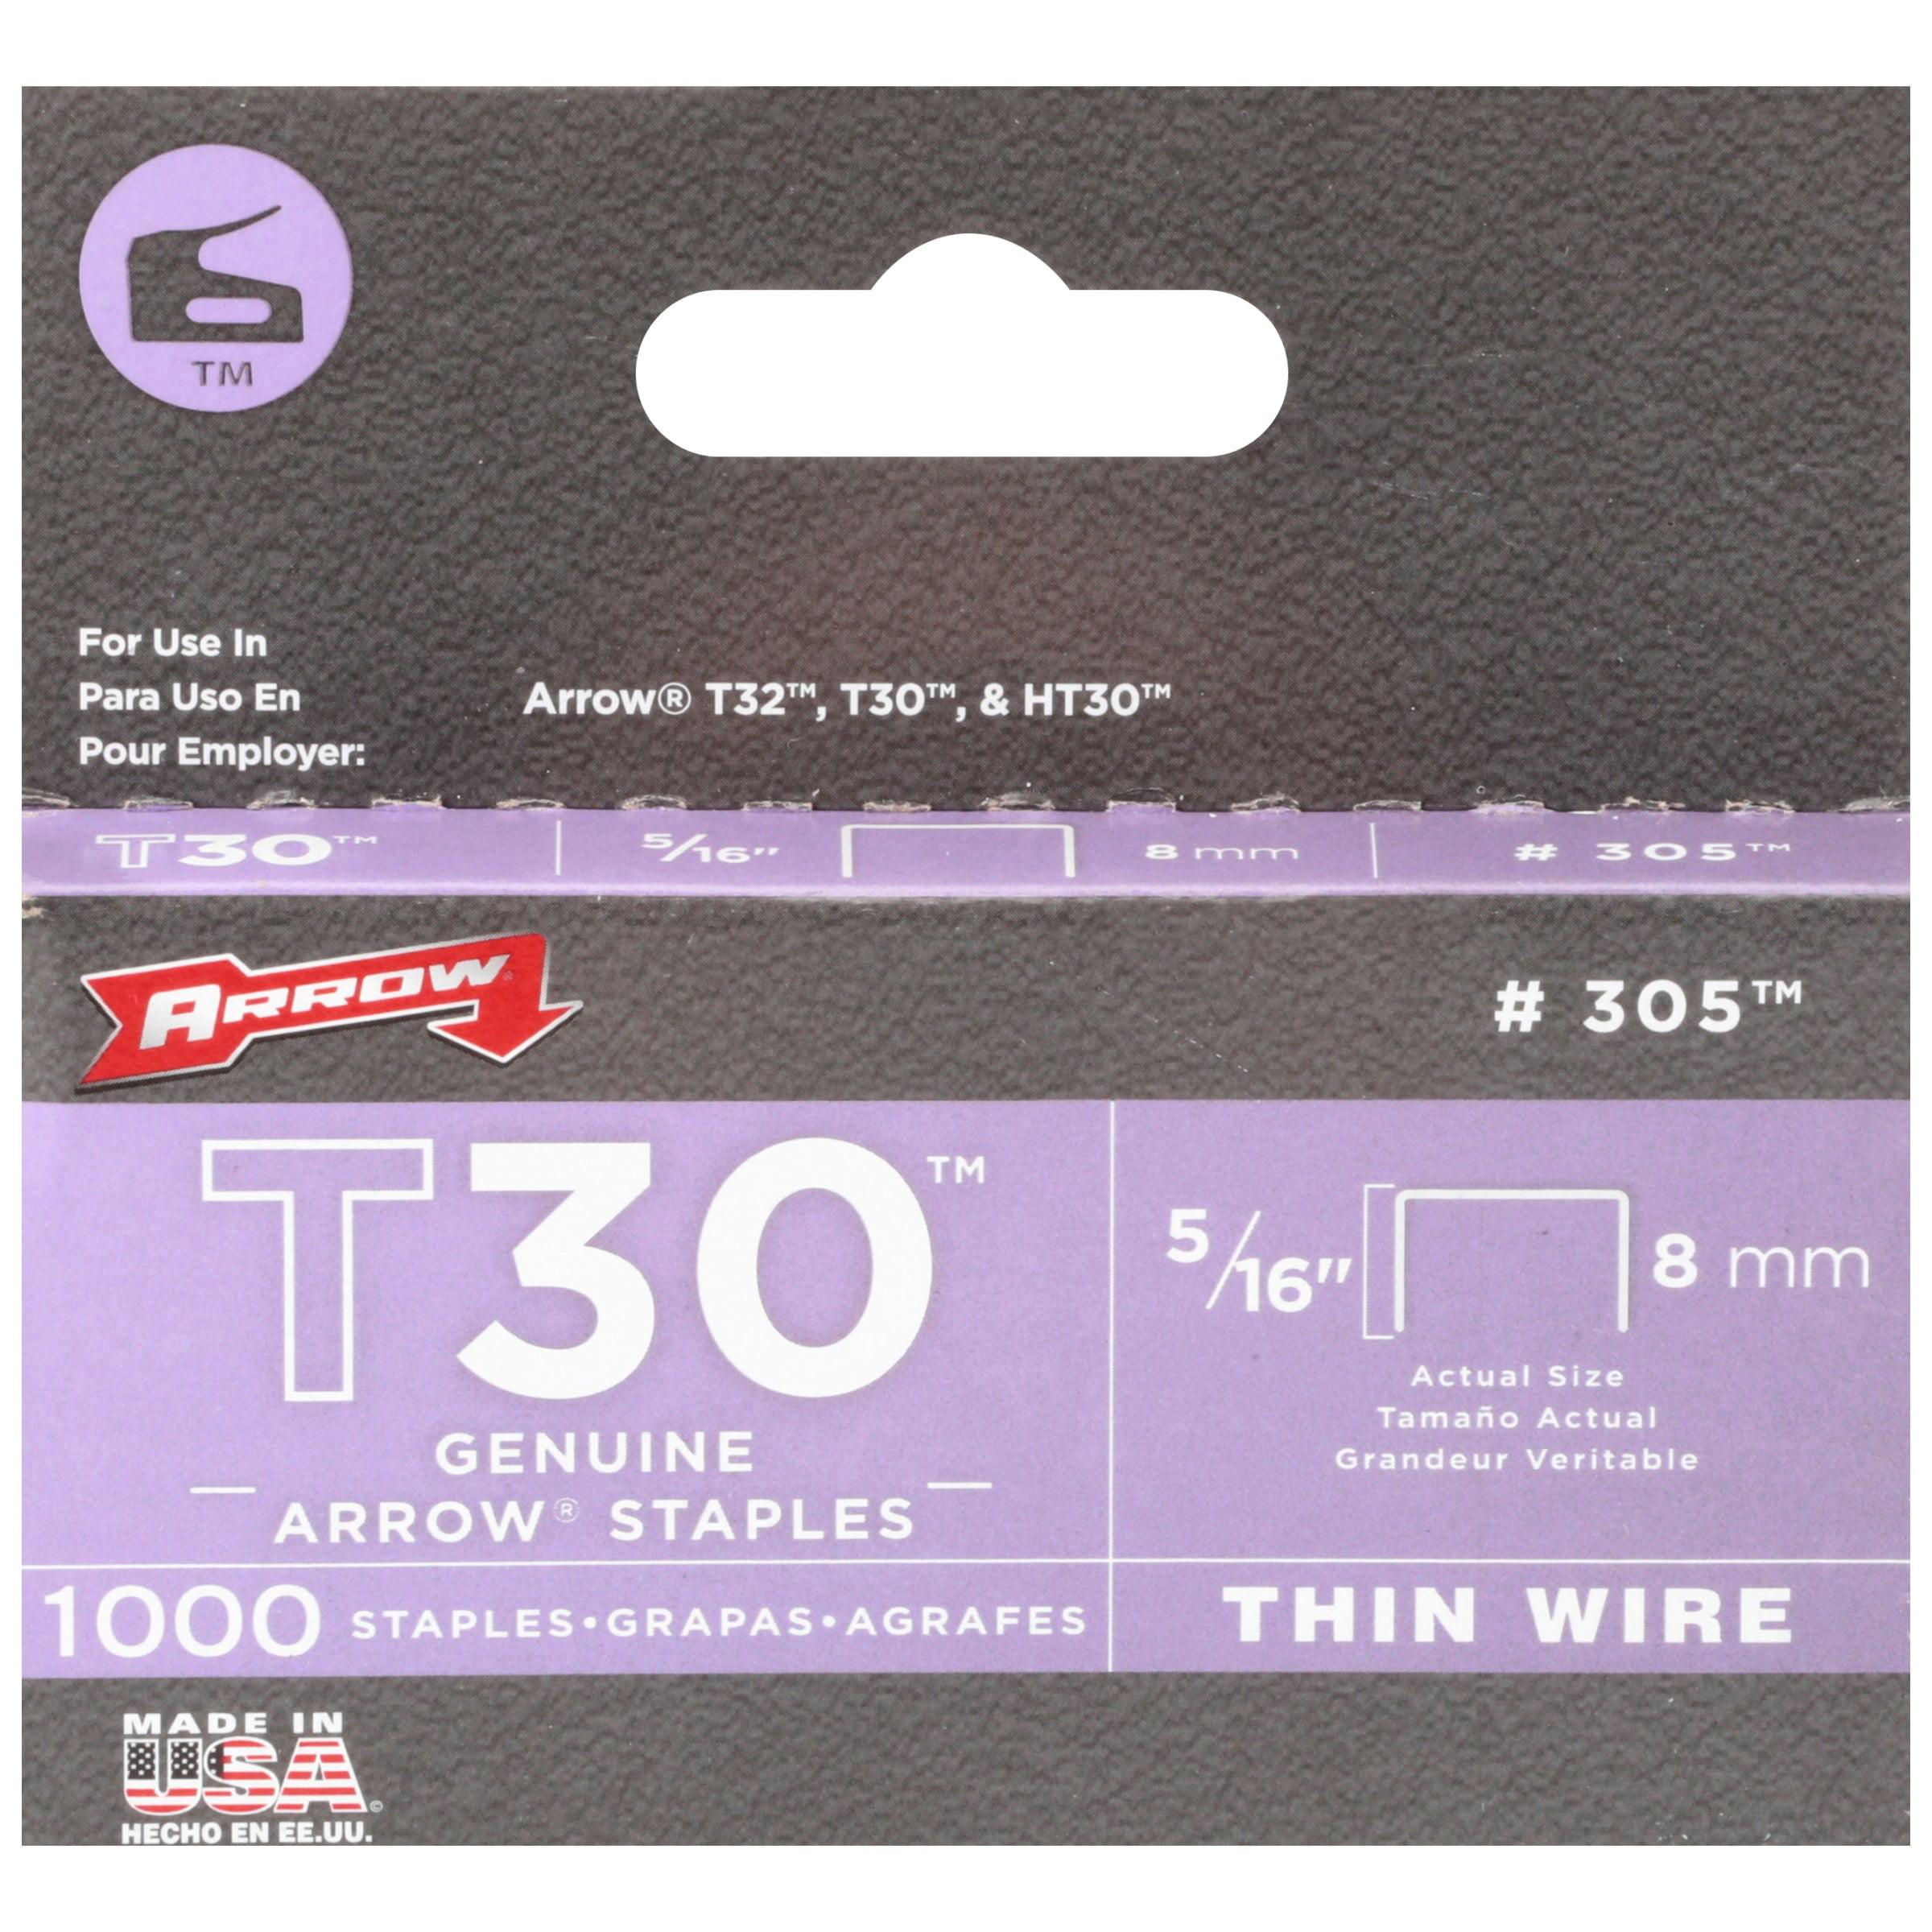 Arrow T30 Thin Wire Genuine Arrow Staples 1000 ct Box by Arrow Fastener Co., Inc.